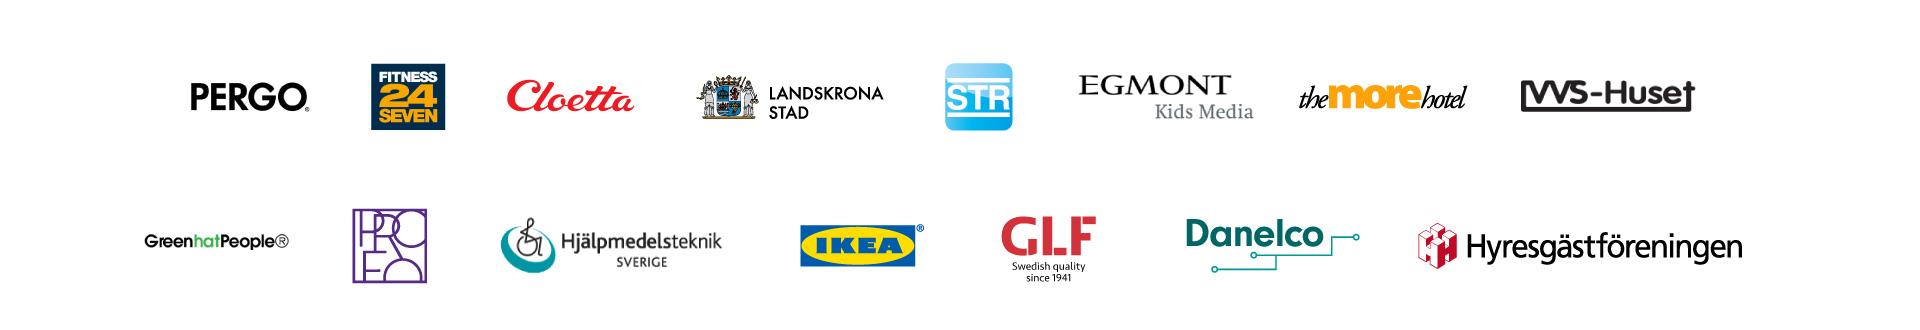 logotyper-Identitet-hemsida